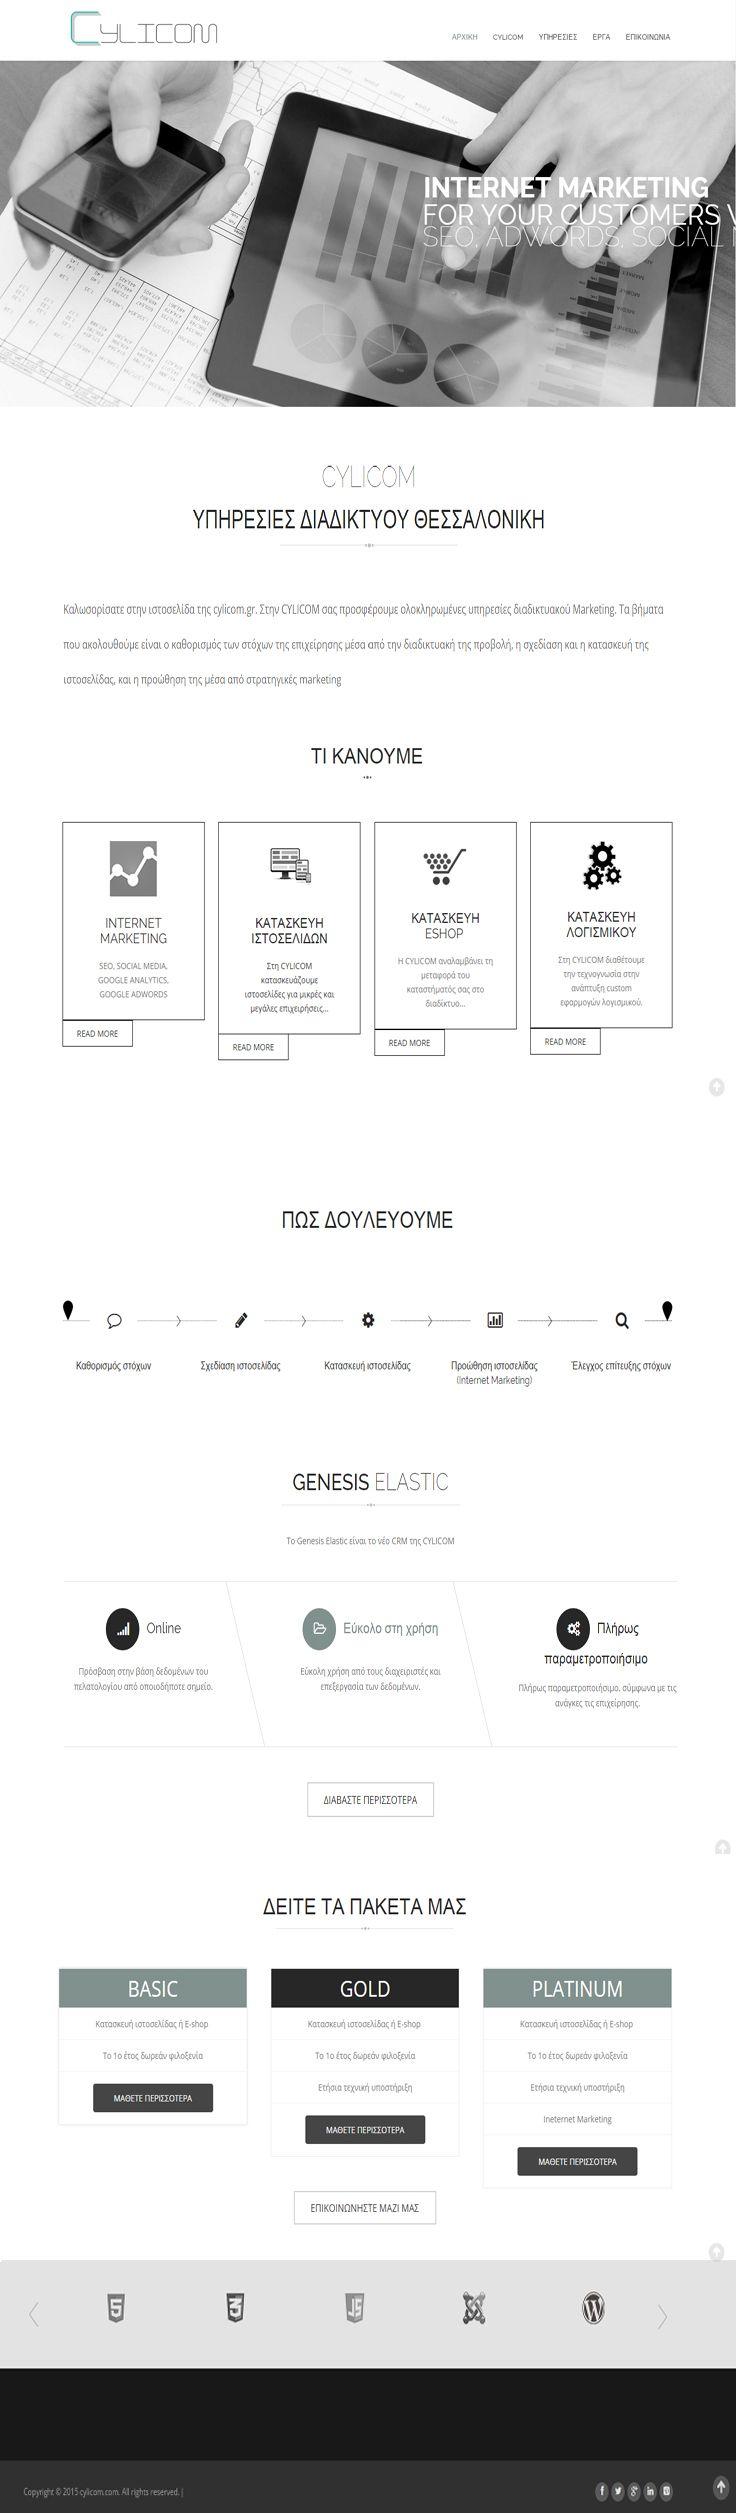 Cylicom.gr our previous #WebSite#